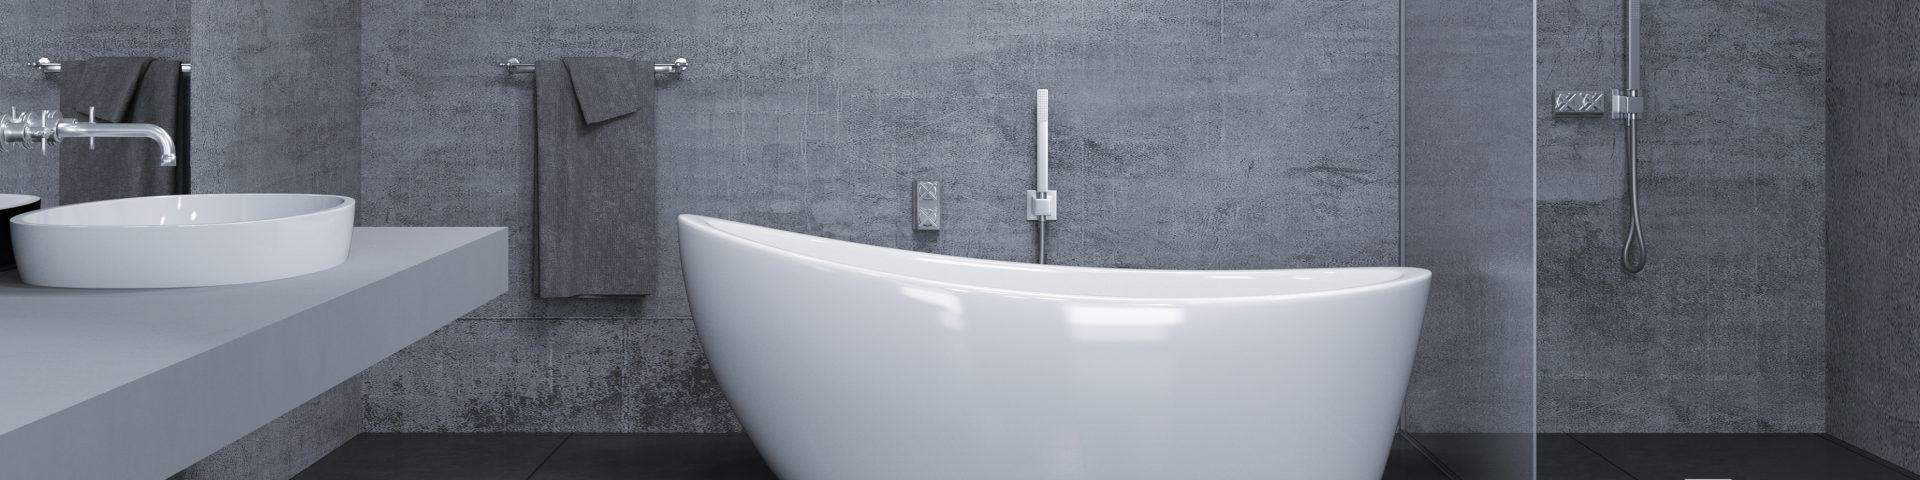 isox-bathroom